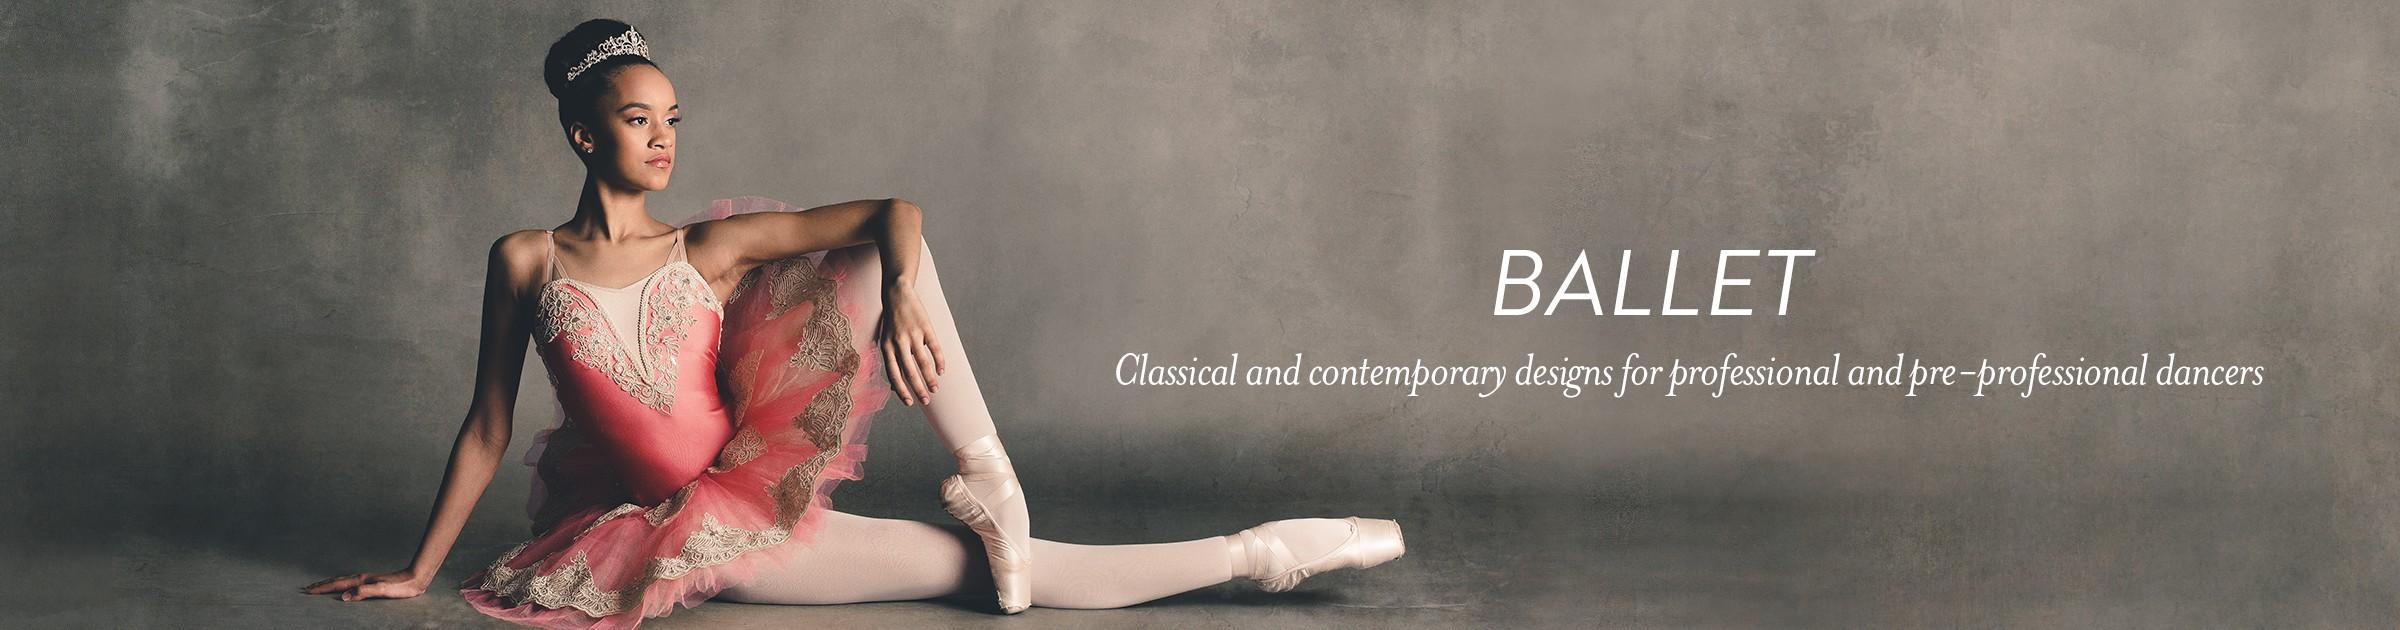 Ballet Dance Costumes